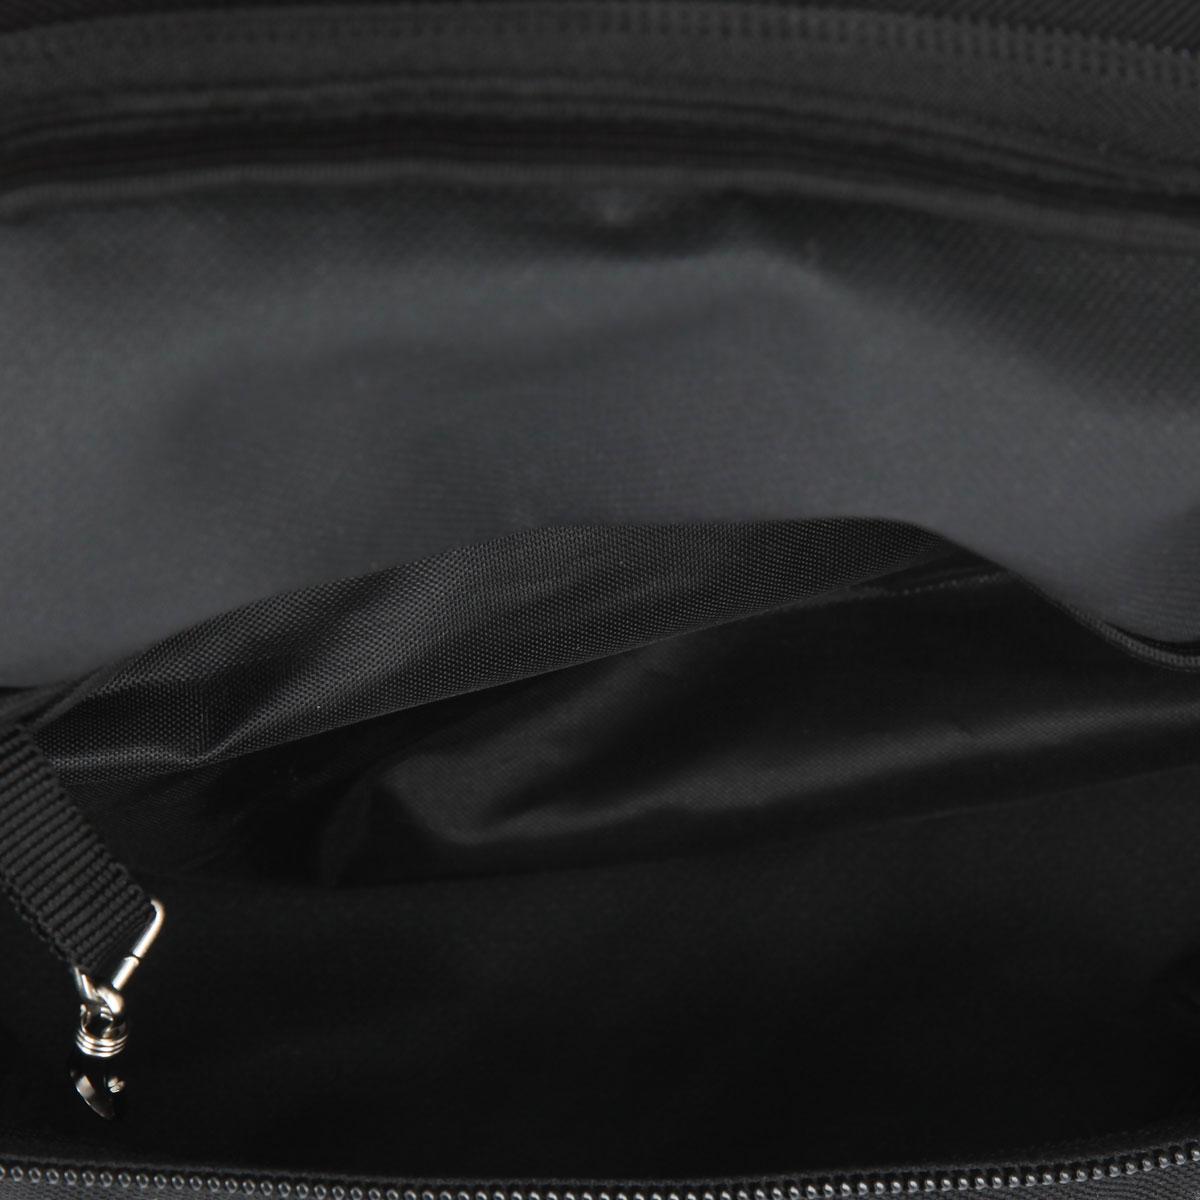 4a06c295915a Купить сумку поясная Anteater Minibag Reflective Black в интернет ...